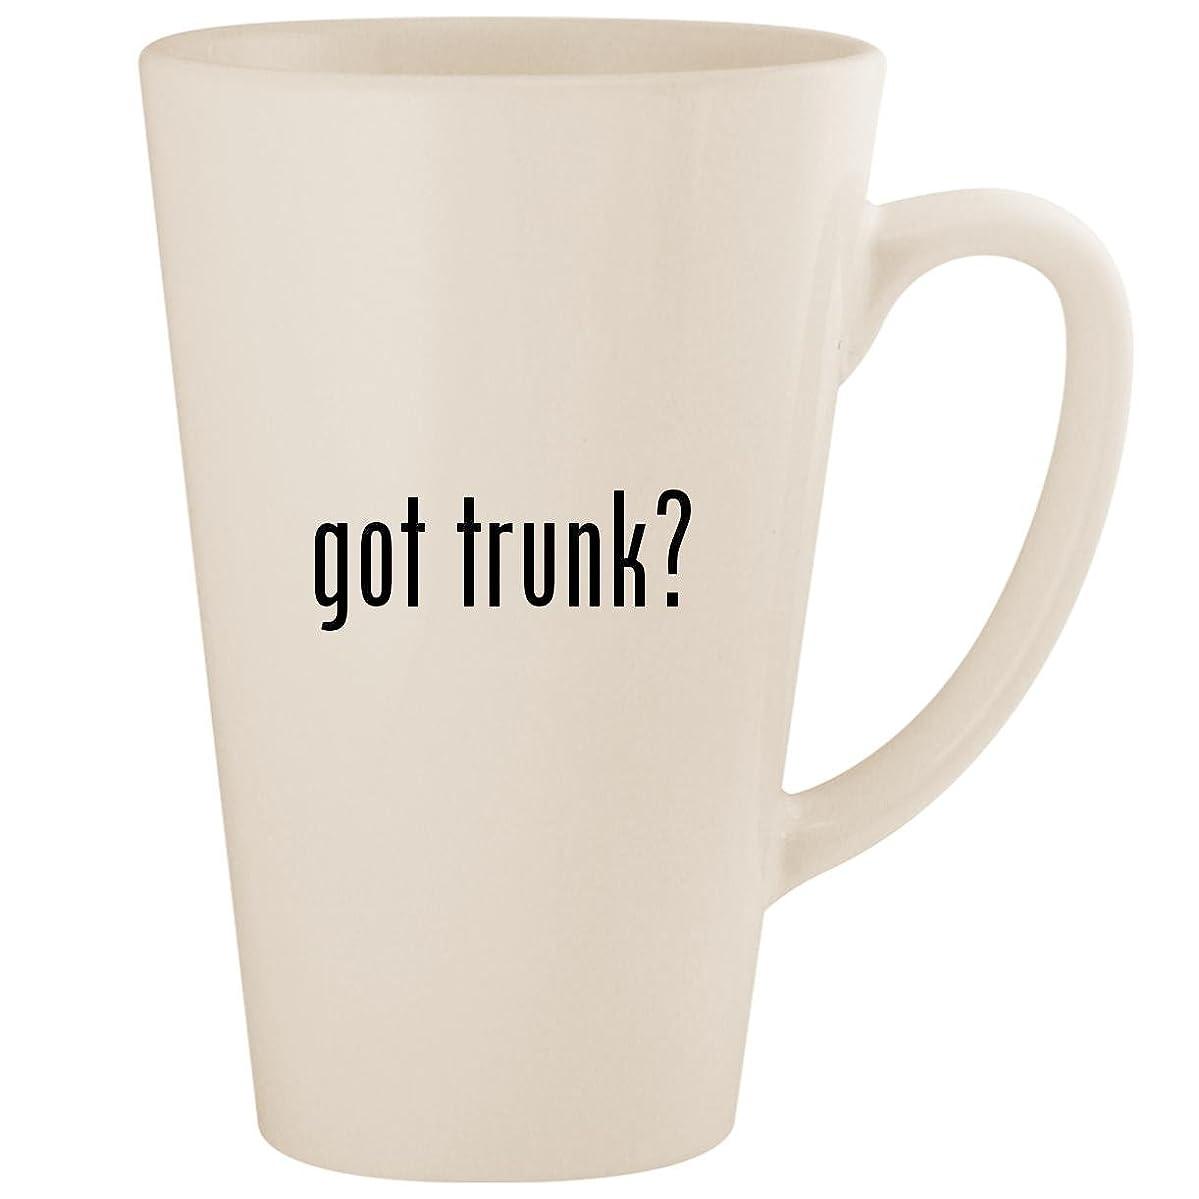 got trunk? - White 17oz Ceramic Latte Mug Cup